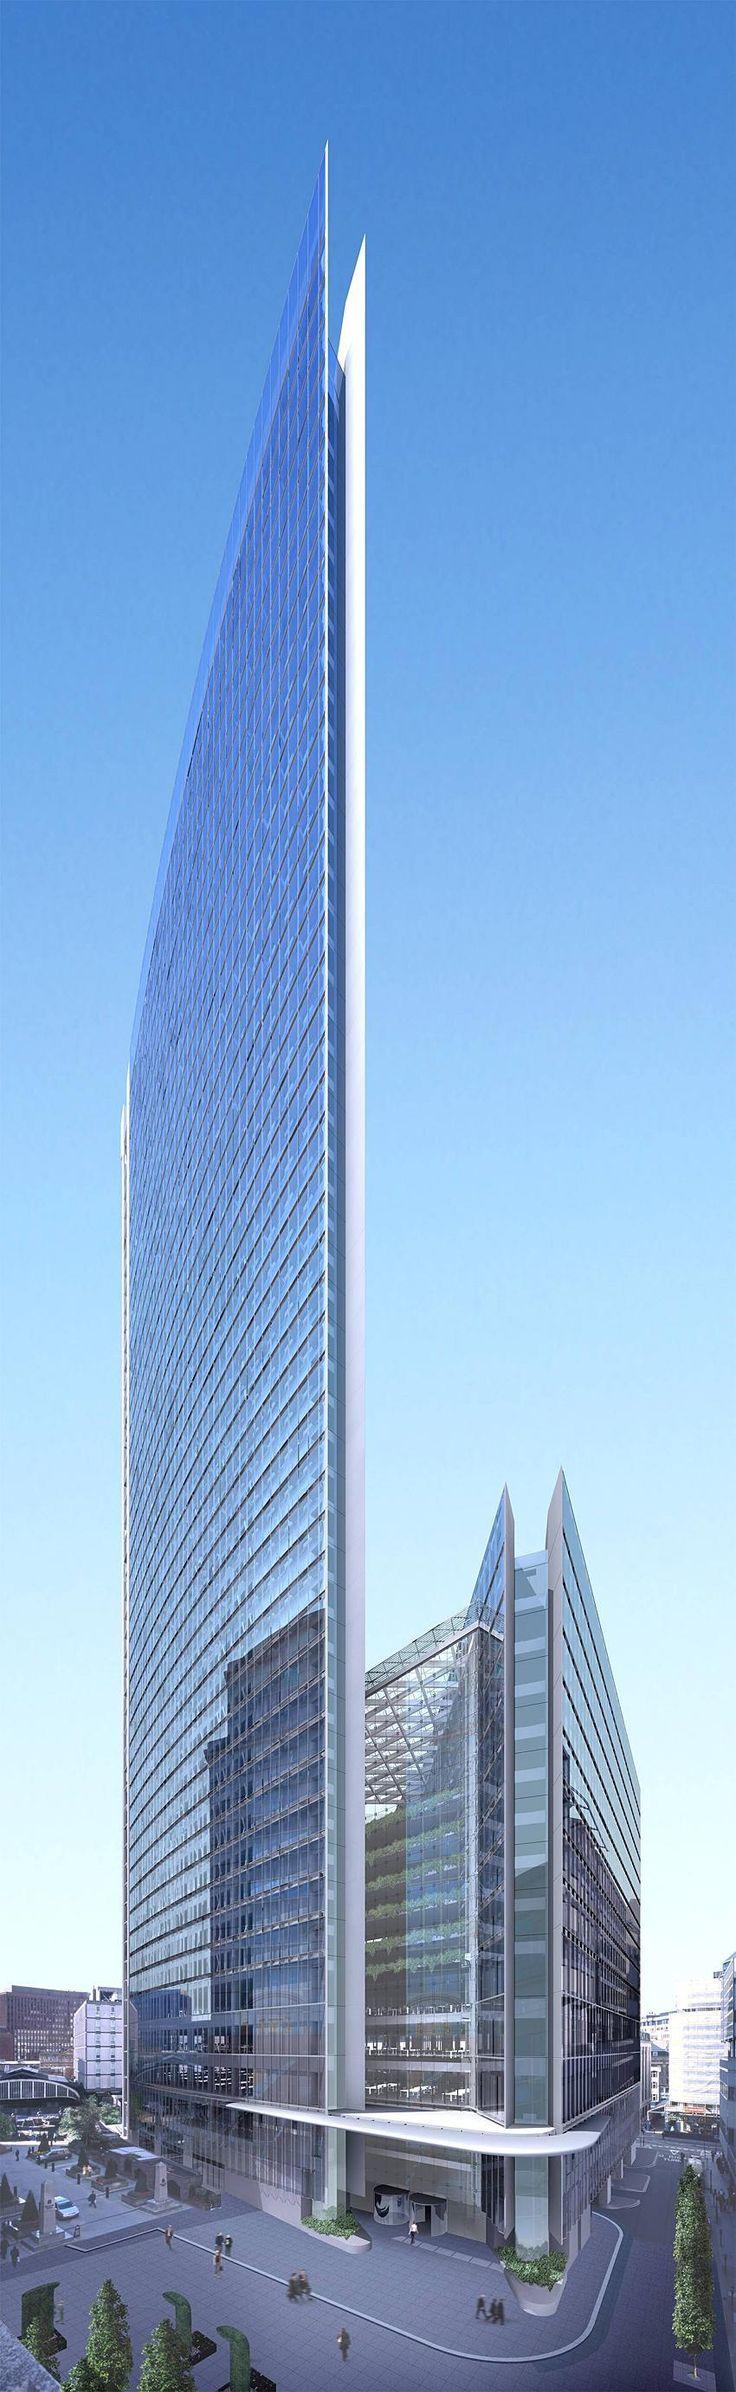 The Minerva Building, London #rascacielos #edificios #skyscrapers #buildings                                                                                                                                                      Más